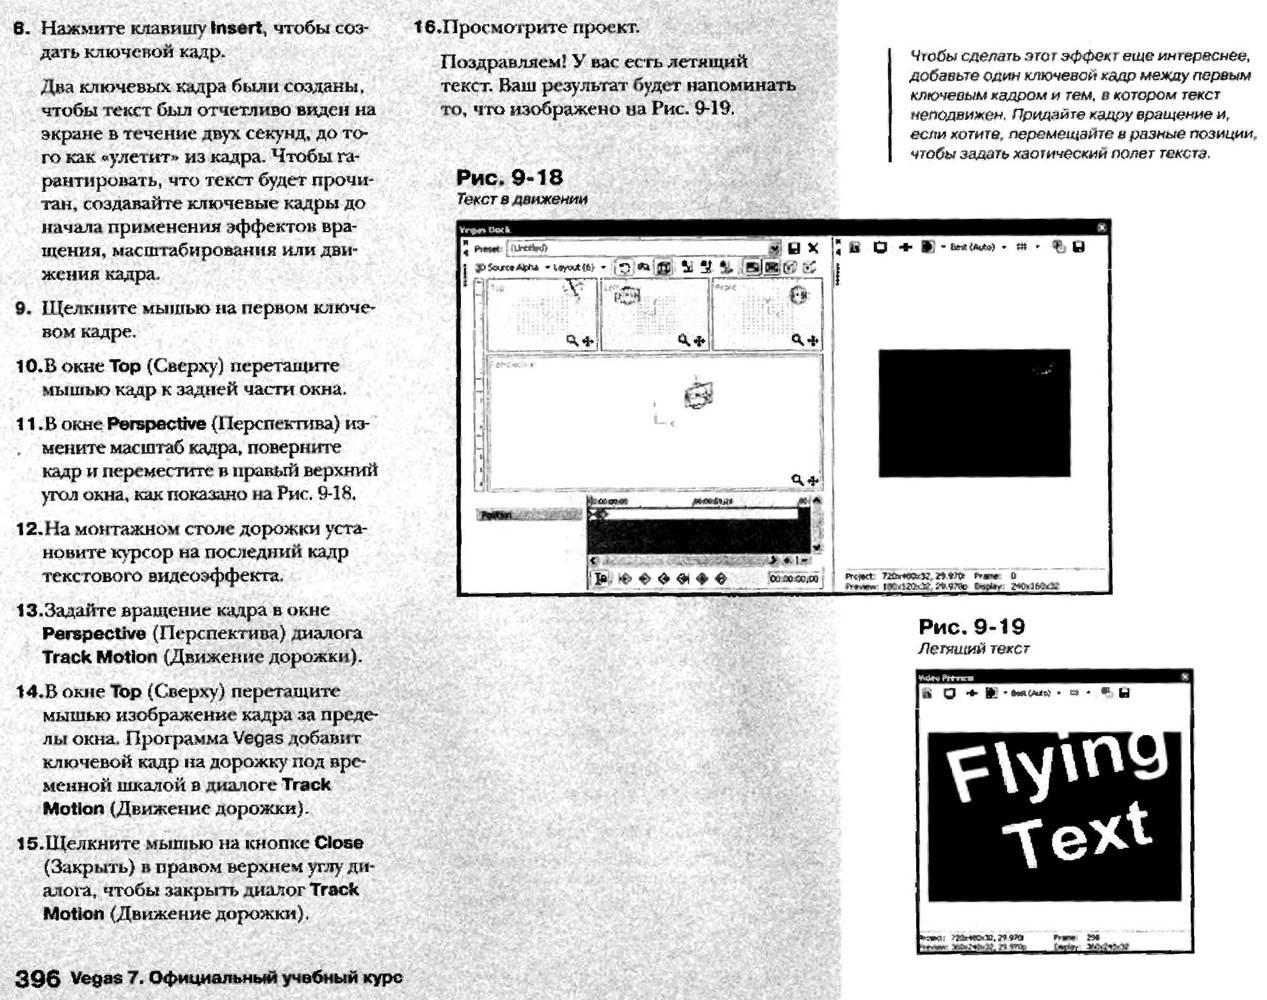 http://redaktori-uroki.3dn.ru/_ph/12/958893399.jpg